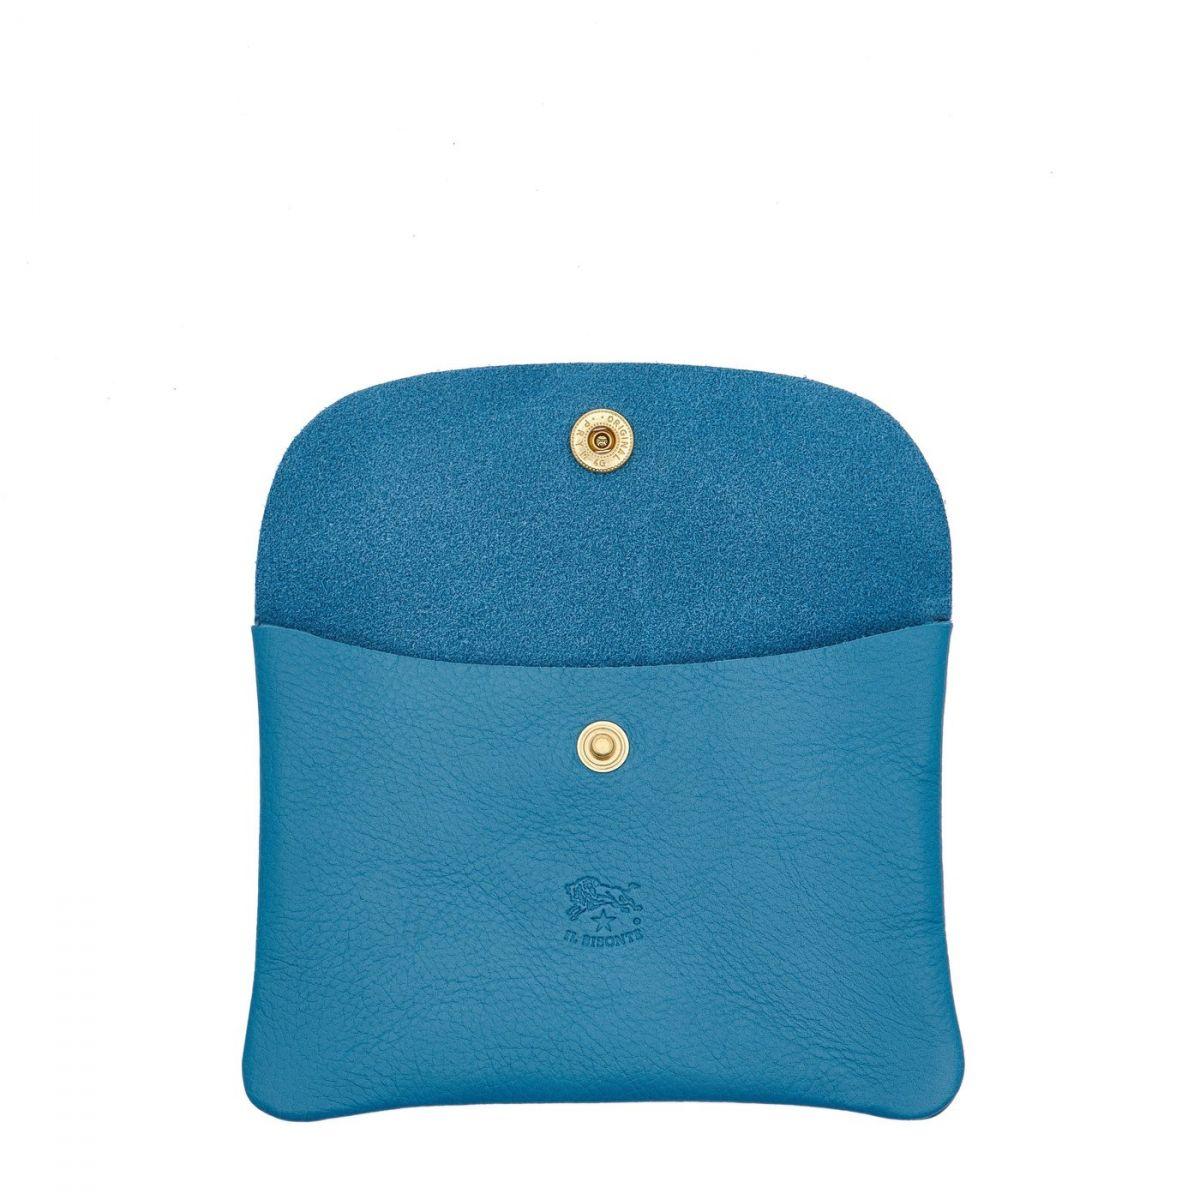 Étui en Cuir De Vachette couleur Bleu Sarcelle - SCA008   Details